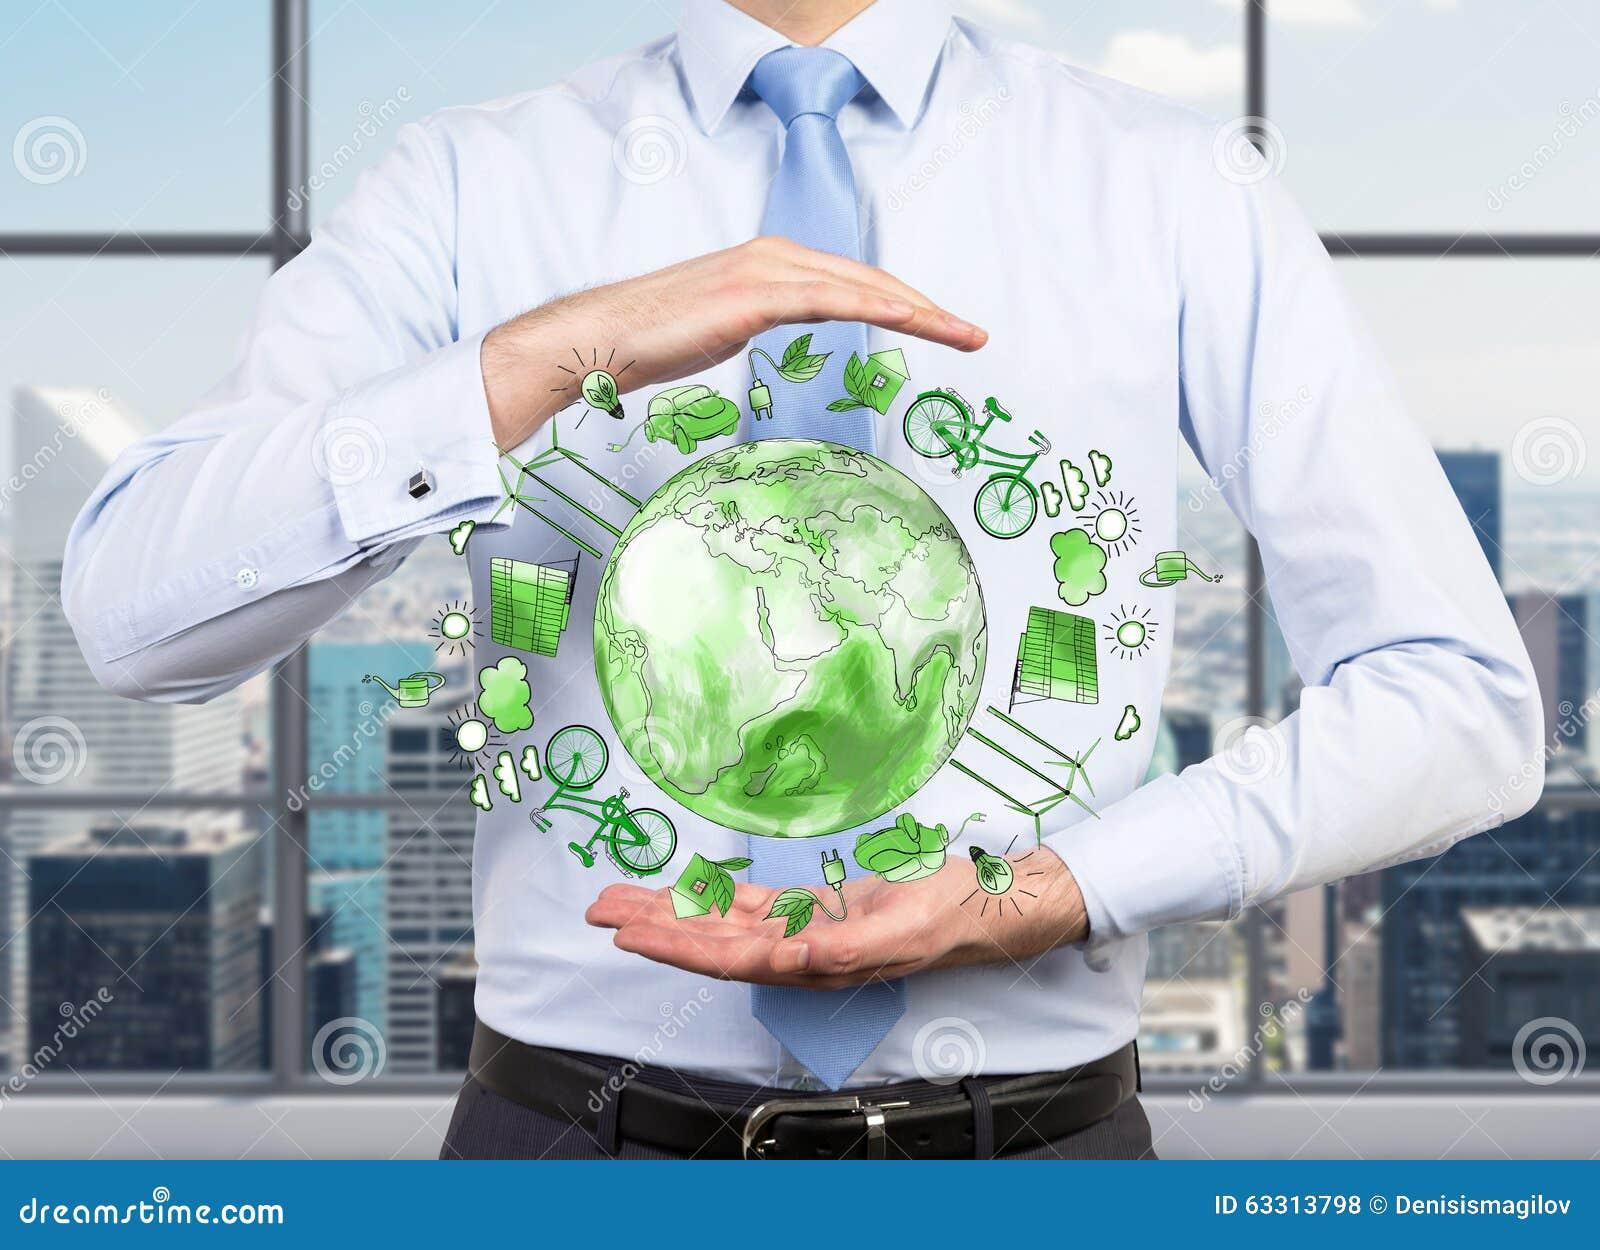 Άτομο που φροντίζει για το καθαρό περιβάλλον, ενέργεια eco, προστασία